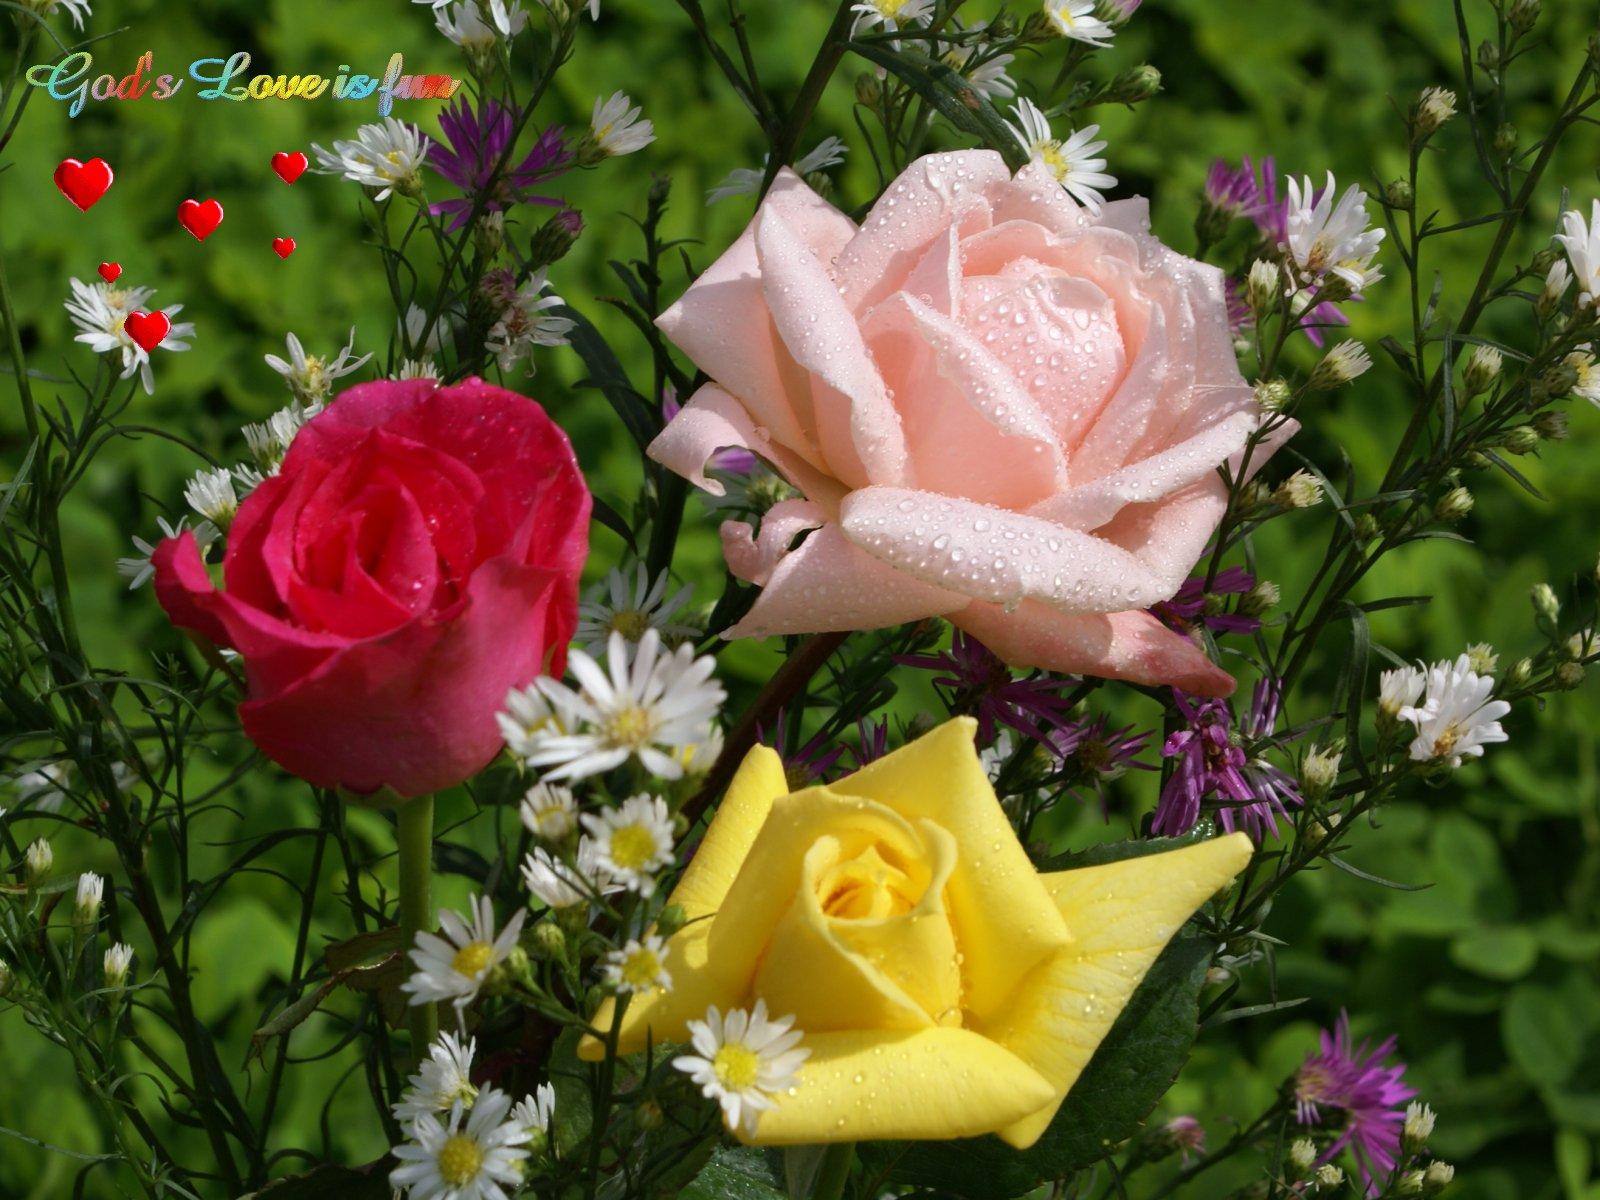 rosas wallpaper,flower,garden roses,flowering plant,rose,petal